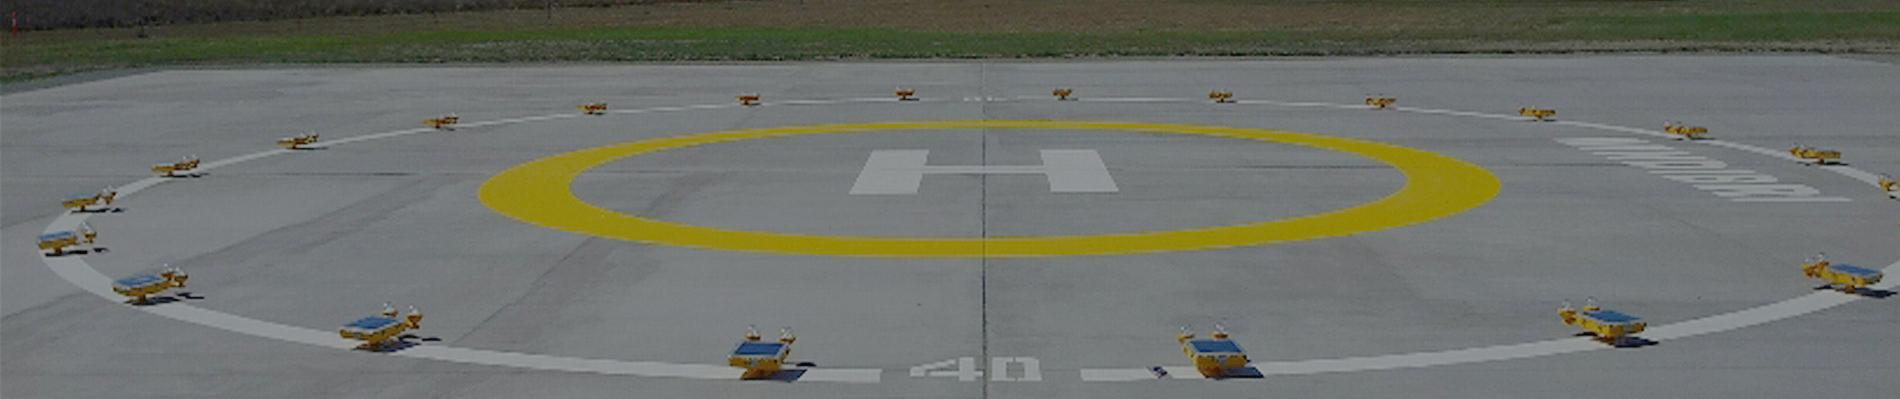 Heliport Lighting Controller Type 1 AV-HL-CTRL-T1